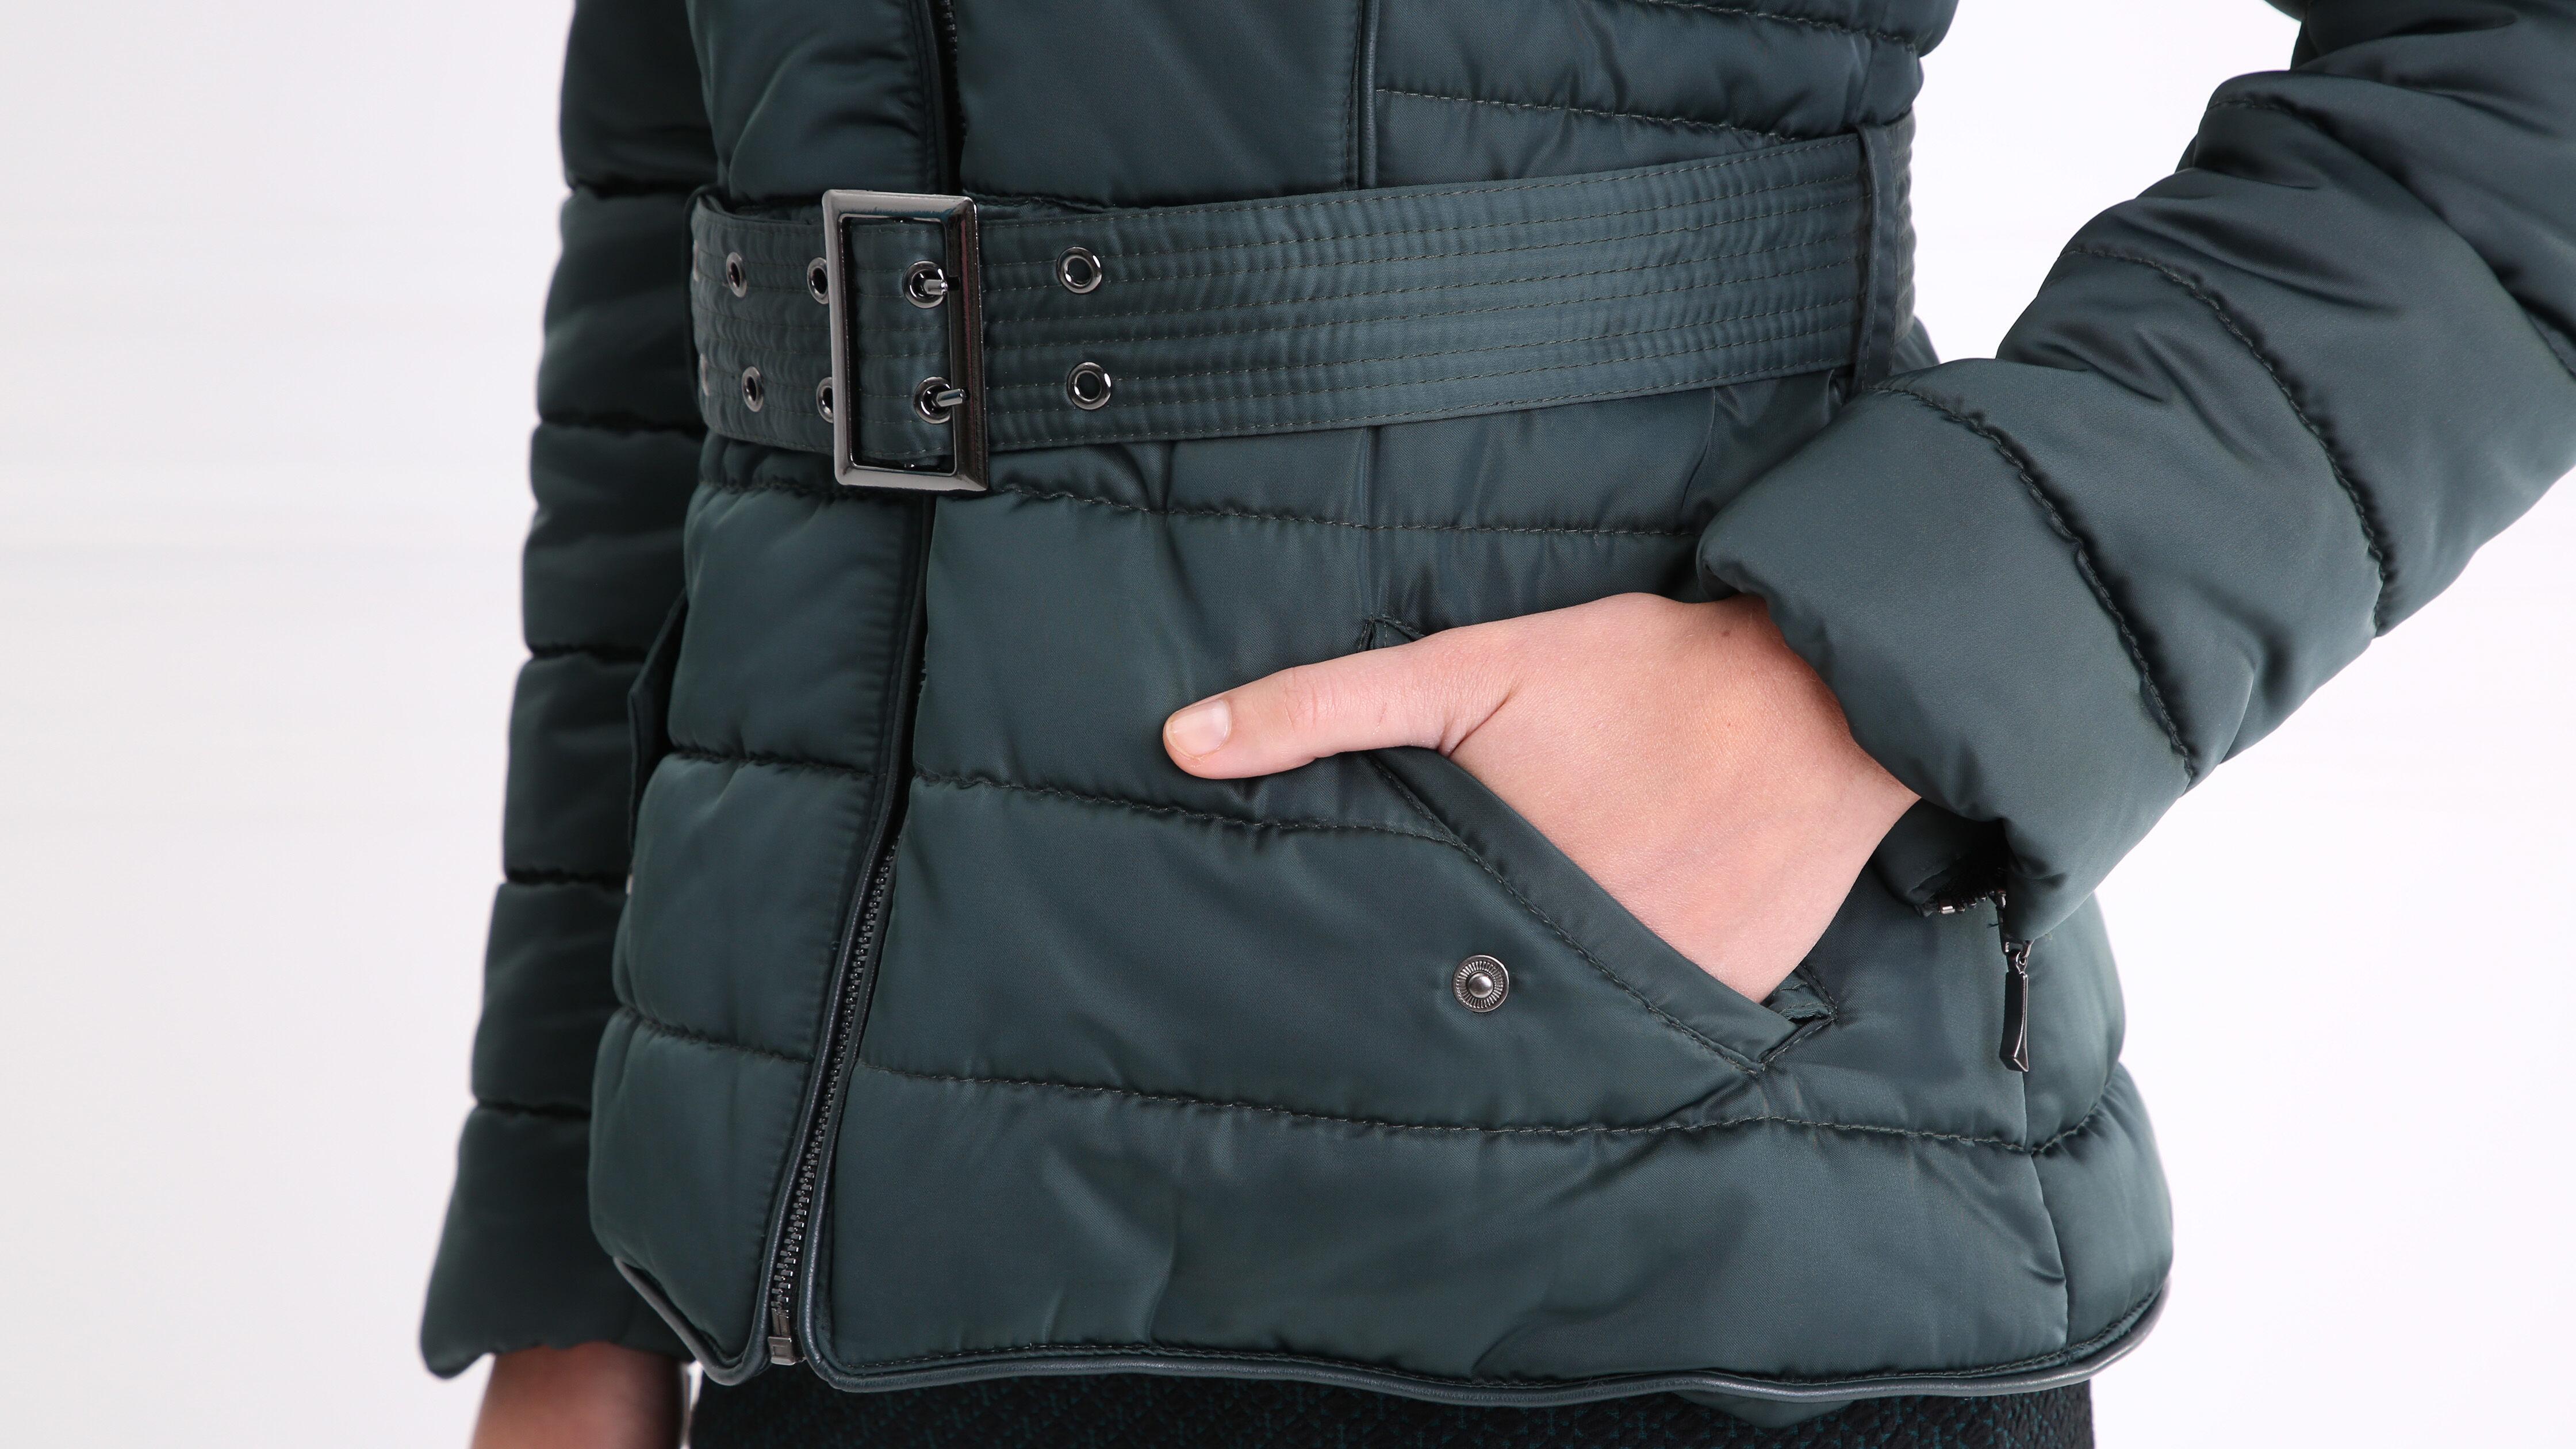 Doudoune courte ceinturée vert canard femme   Bréal